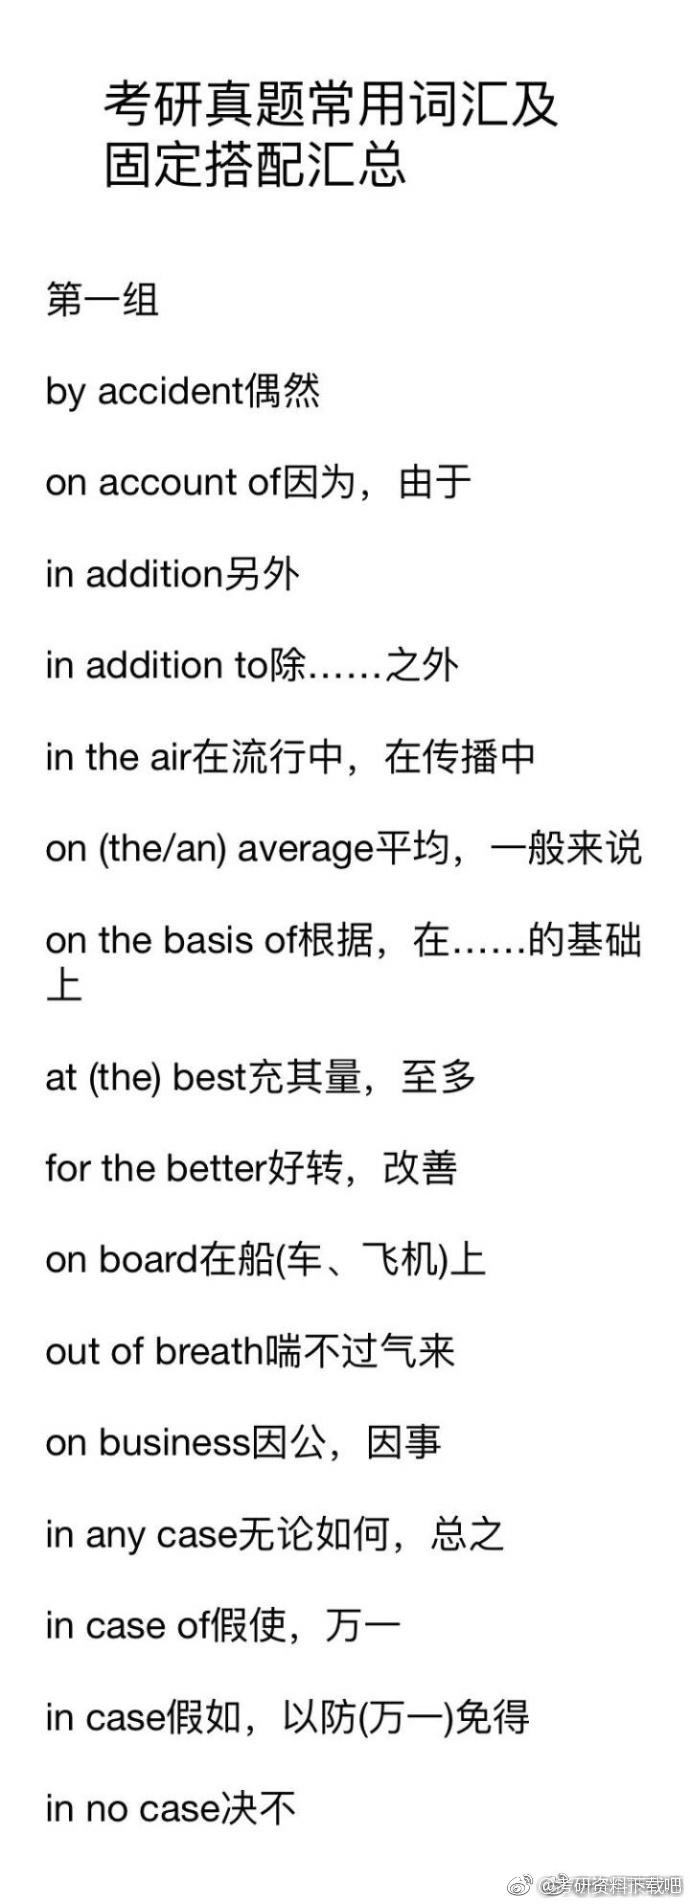 考研英语真题常用词汇及固定搭配汇总